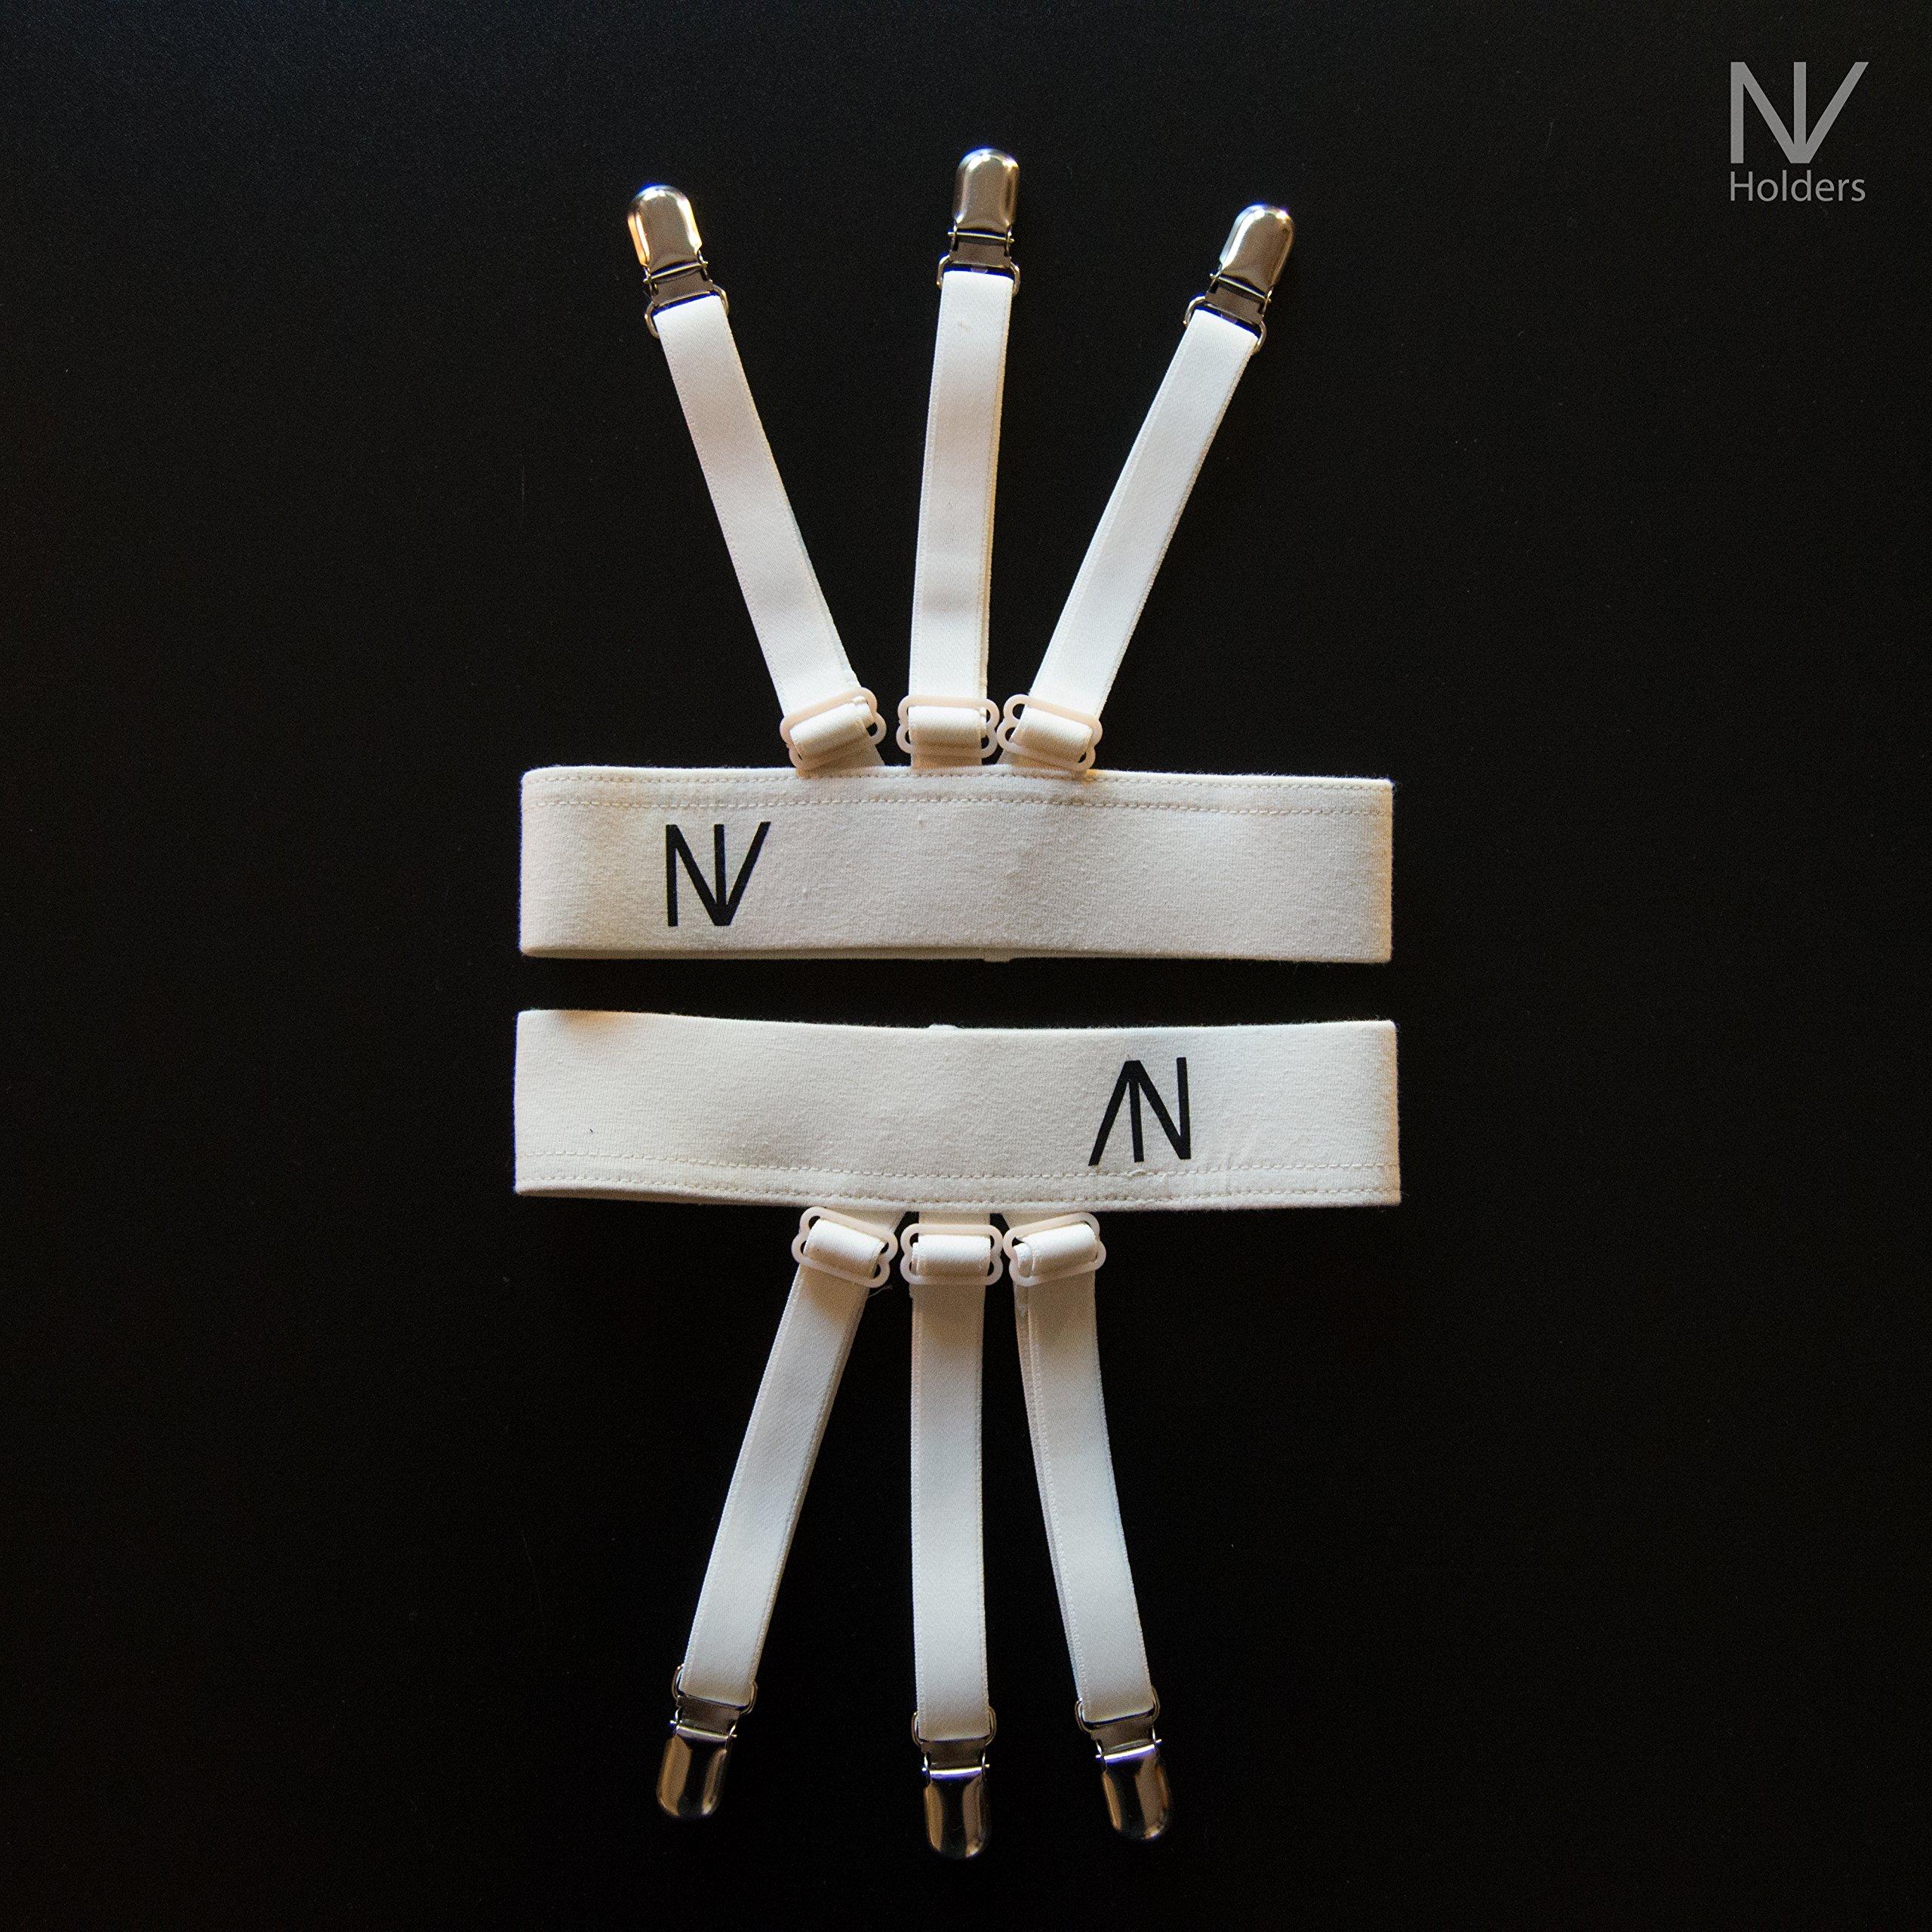 NV Holders Shirt-Holder Color Beige Size S by NV Holders (Image #2)